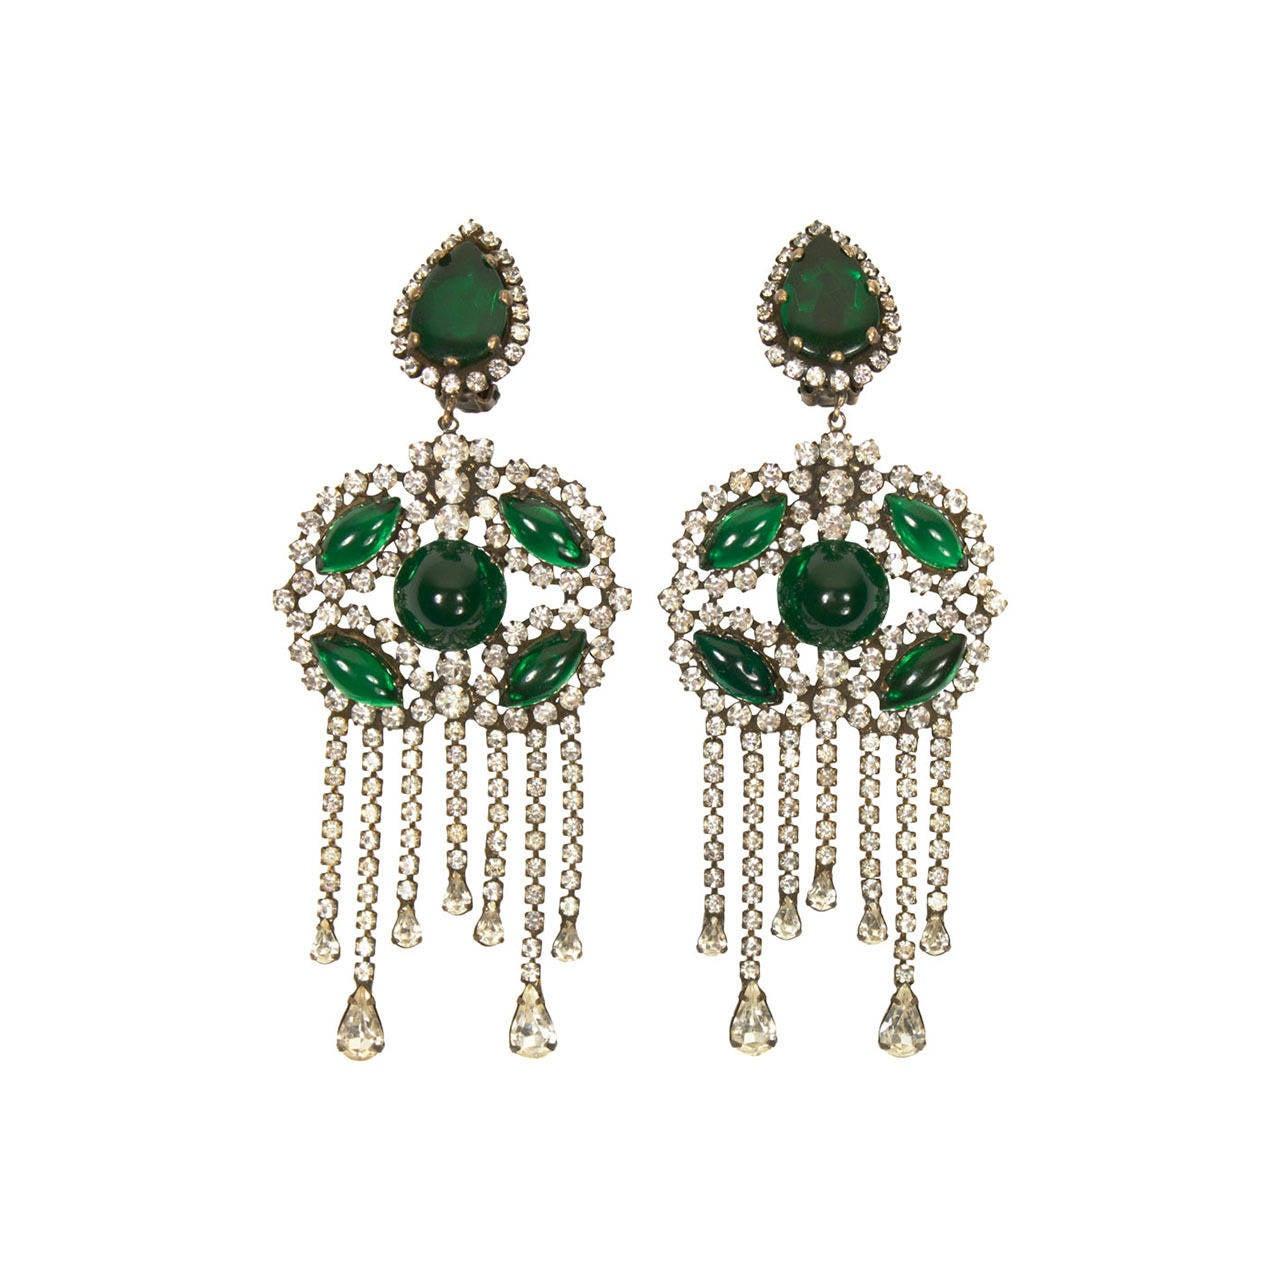 1960s Kenneth Jay Lane Fabulous Emerald Green Chandelier Earrings 1